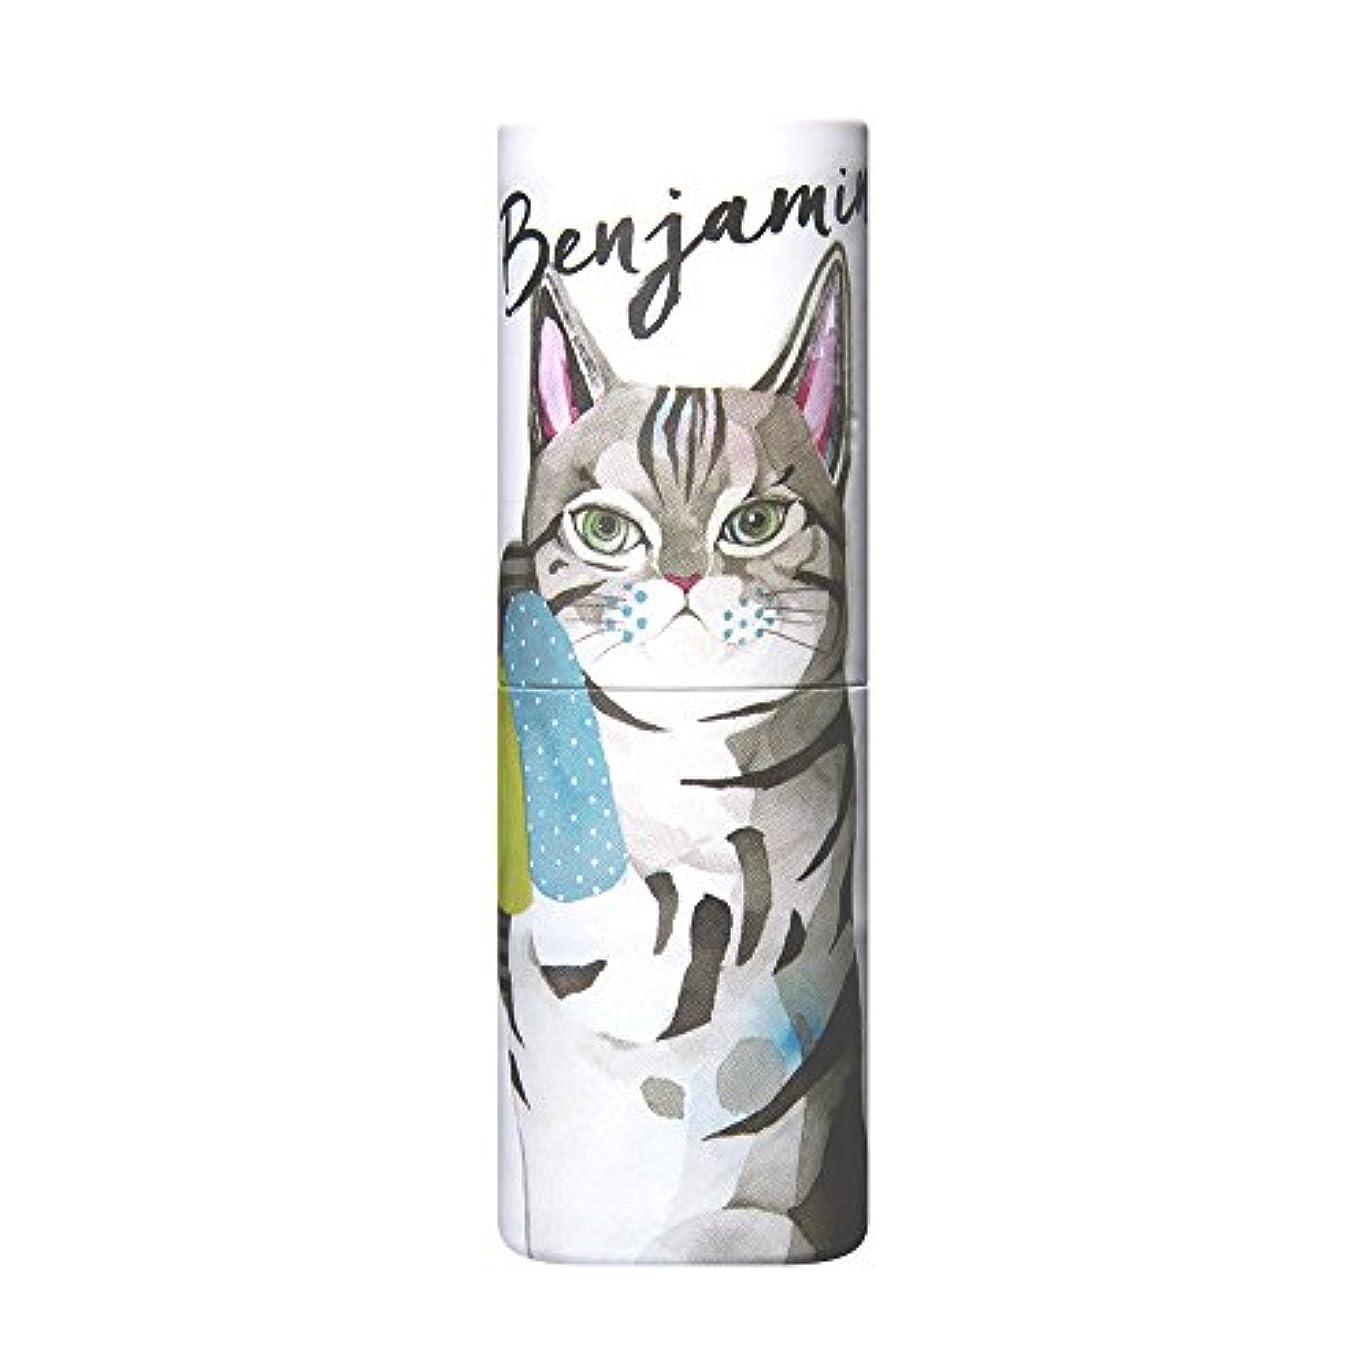 曇った地味な裁判所ヴァシリーサ パフュームスティック ベンジャミン ネコ  ねり香水 5g